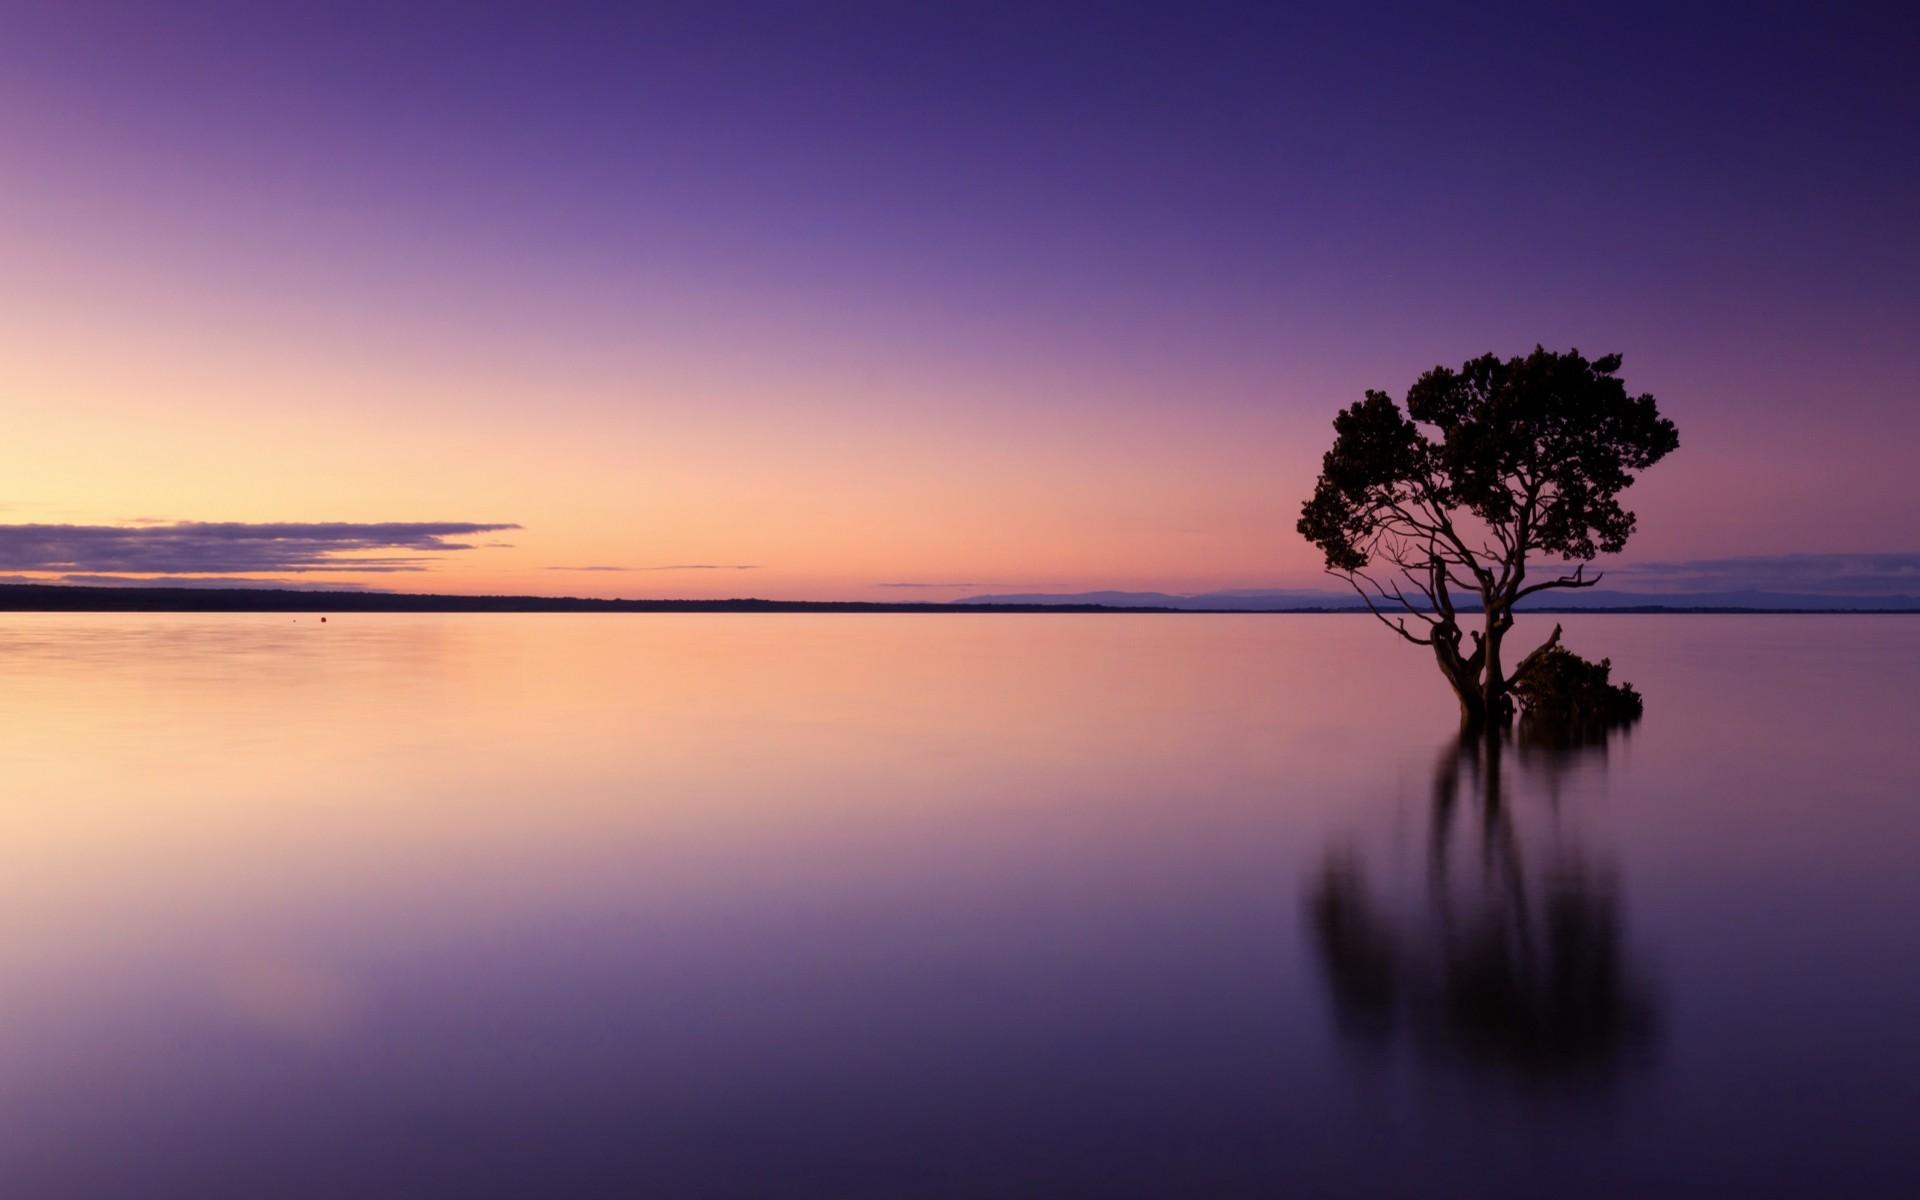 природа солнце озеро отражение деревья без смс